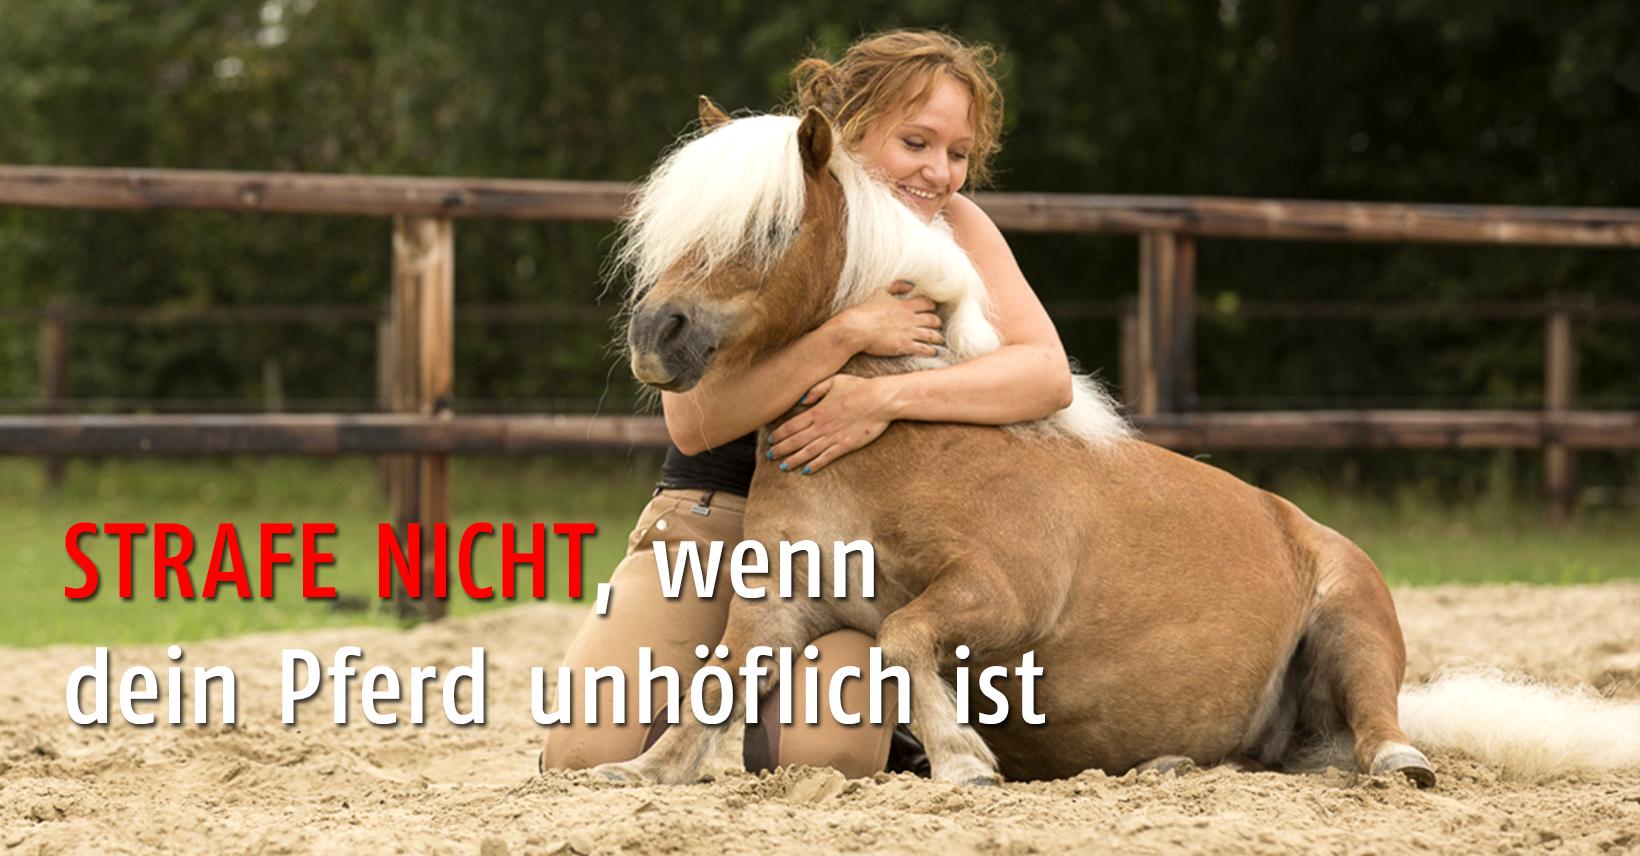 STRAFE NICHT, wenn dein Pferd unhöflich ist